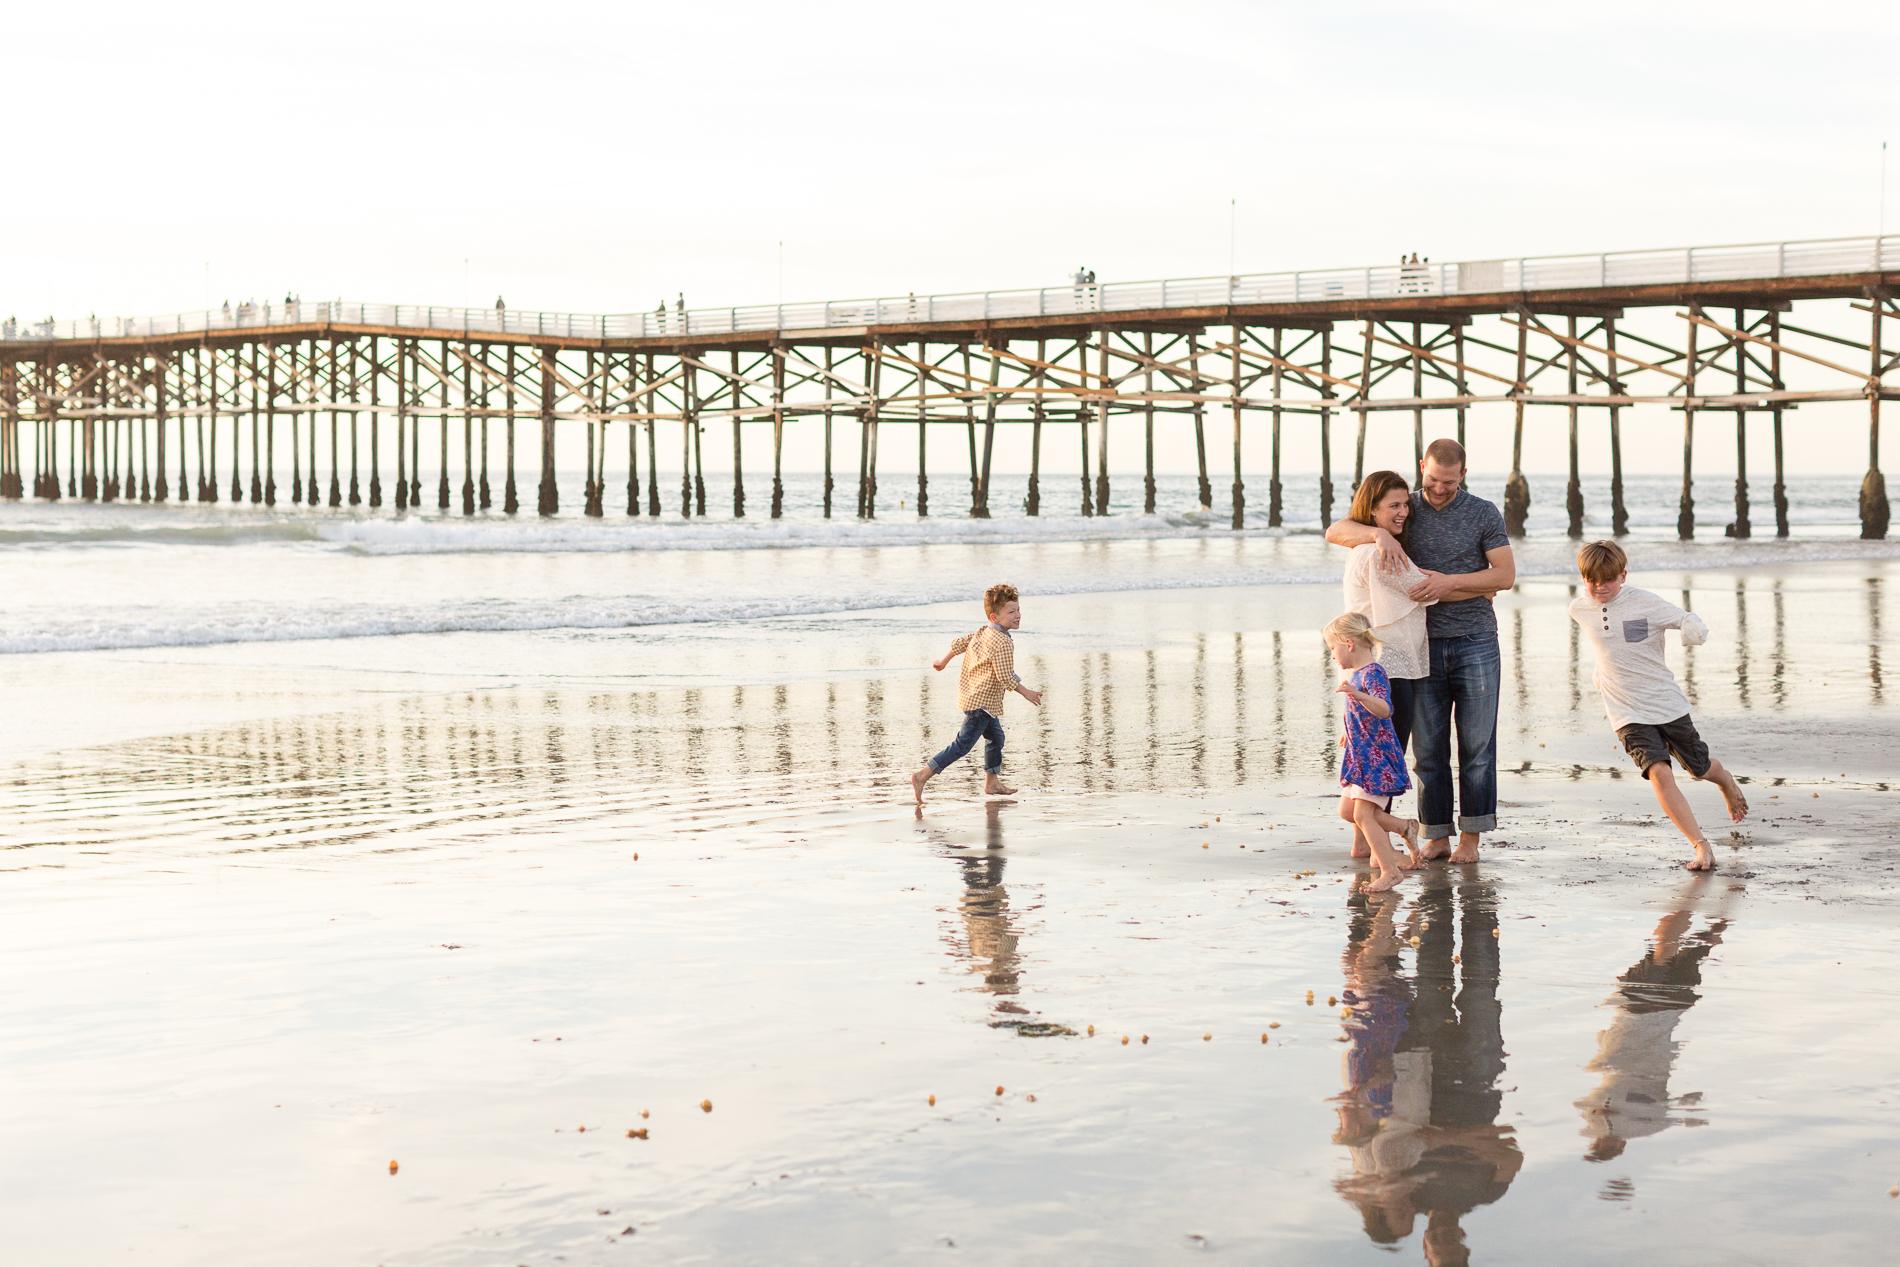 San Diego Family Photographer Beach Crystal Pier Christine Dammann Photography WS HF-14.jpg